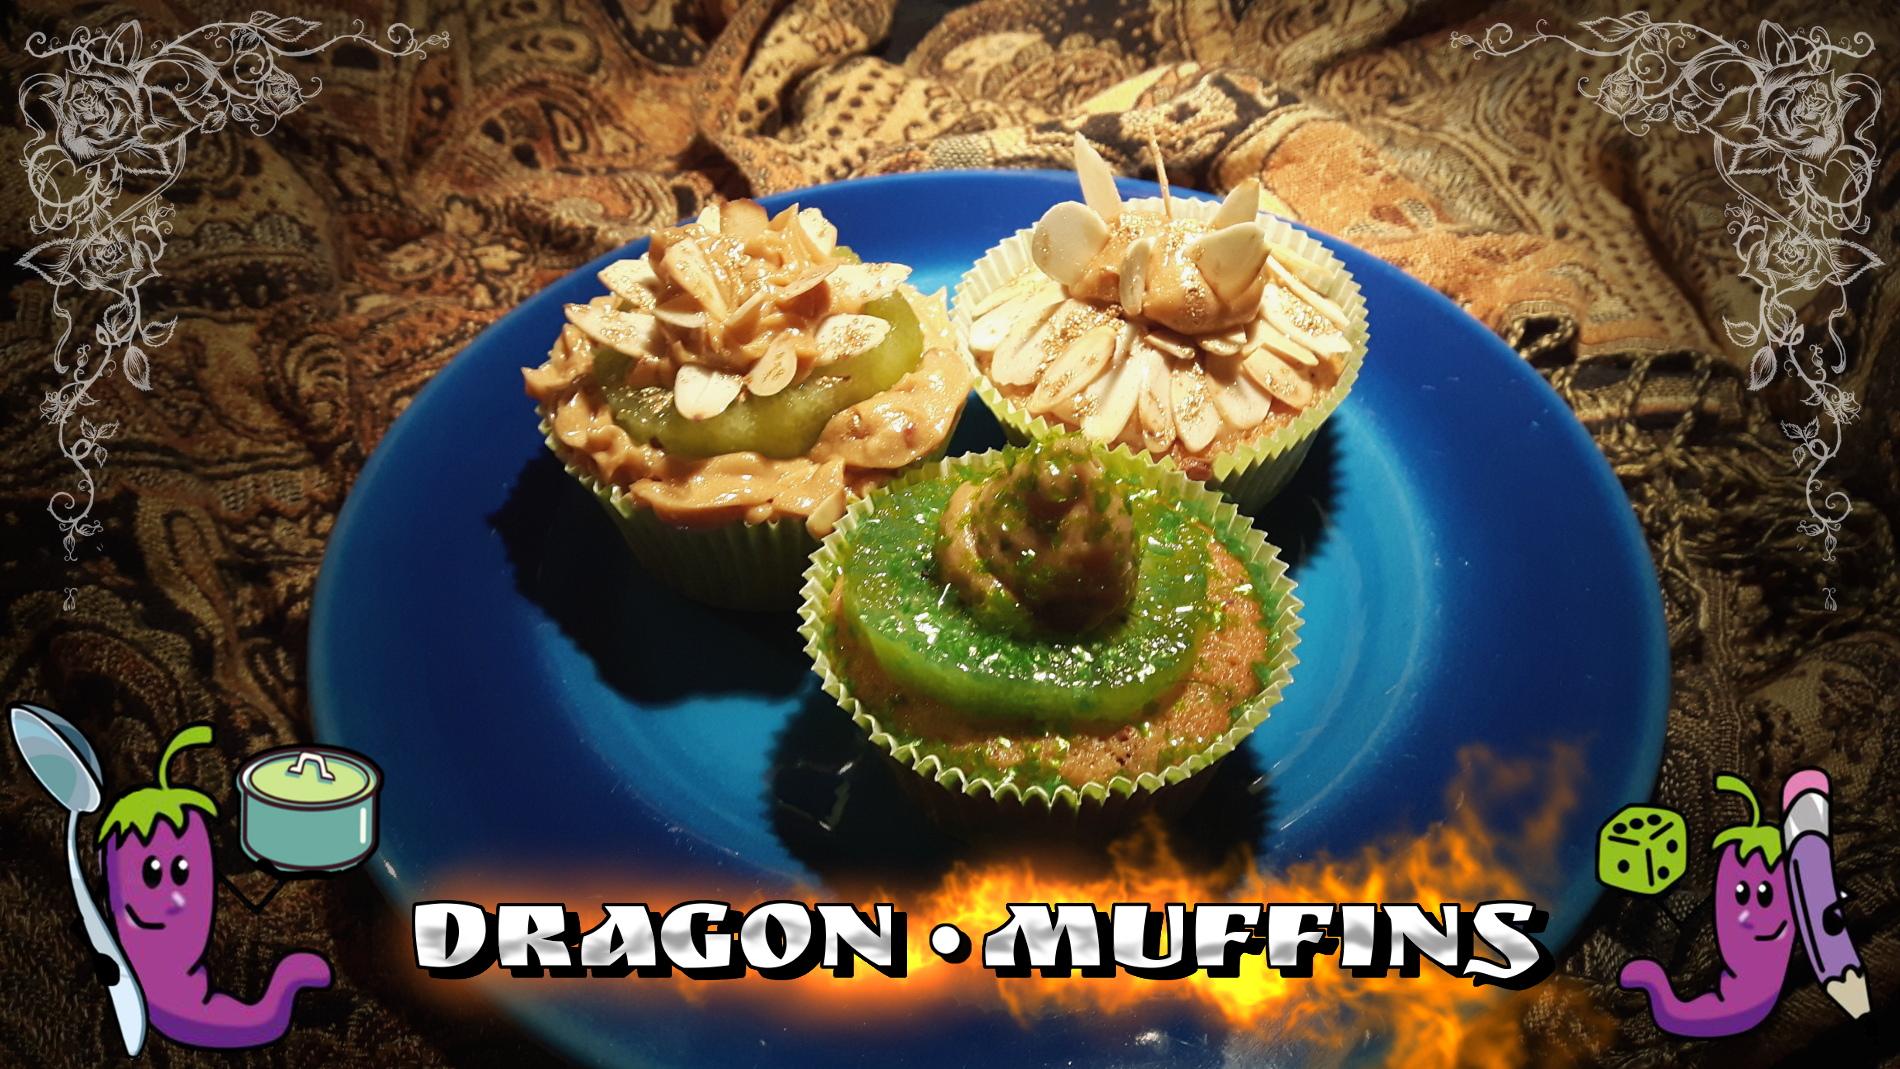 Clawdeen_Dragon_Muffins_1900